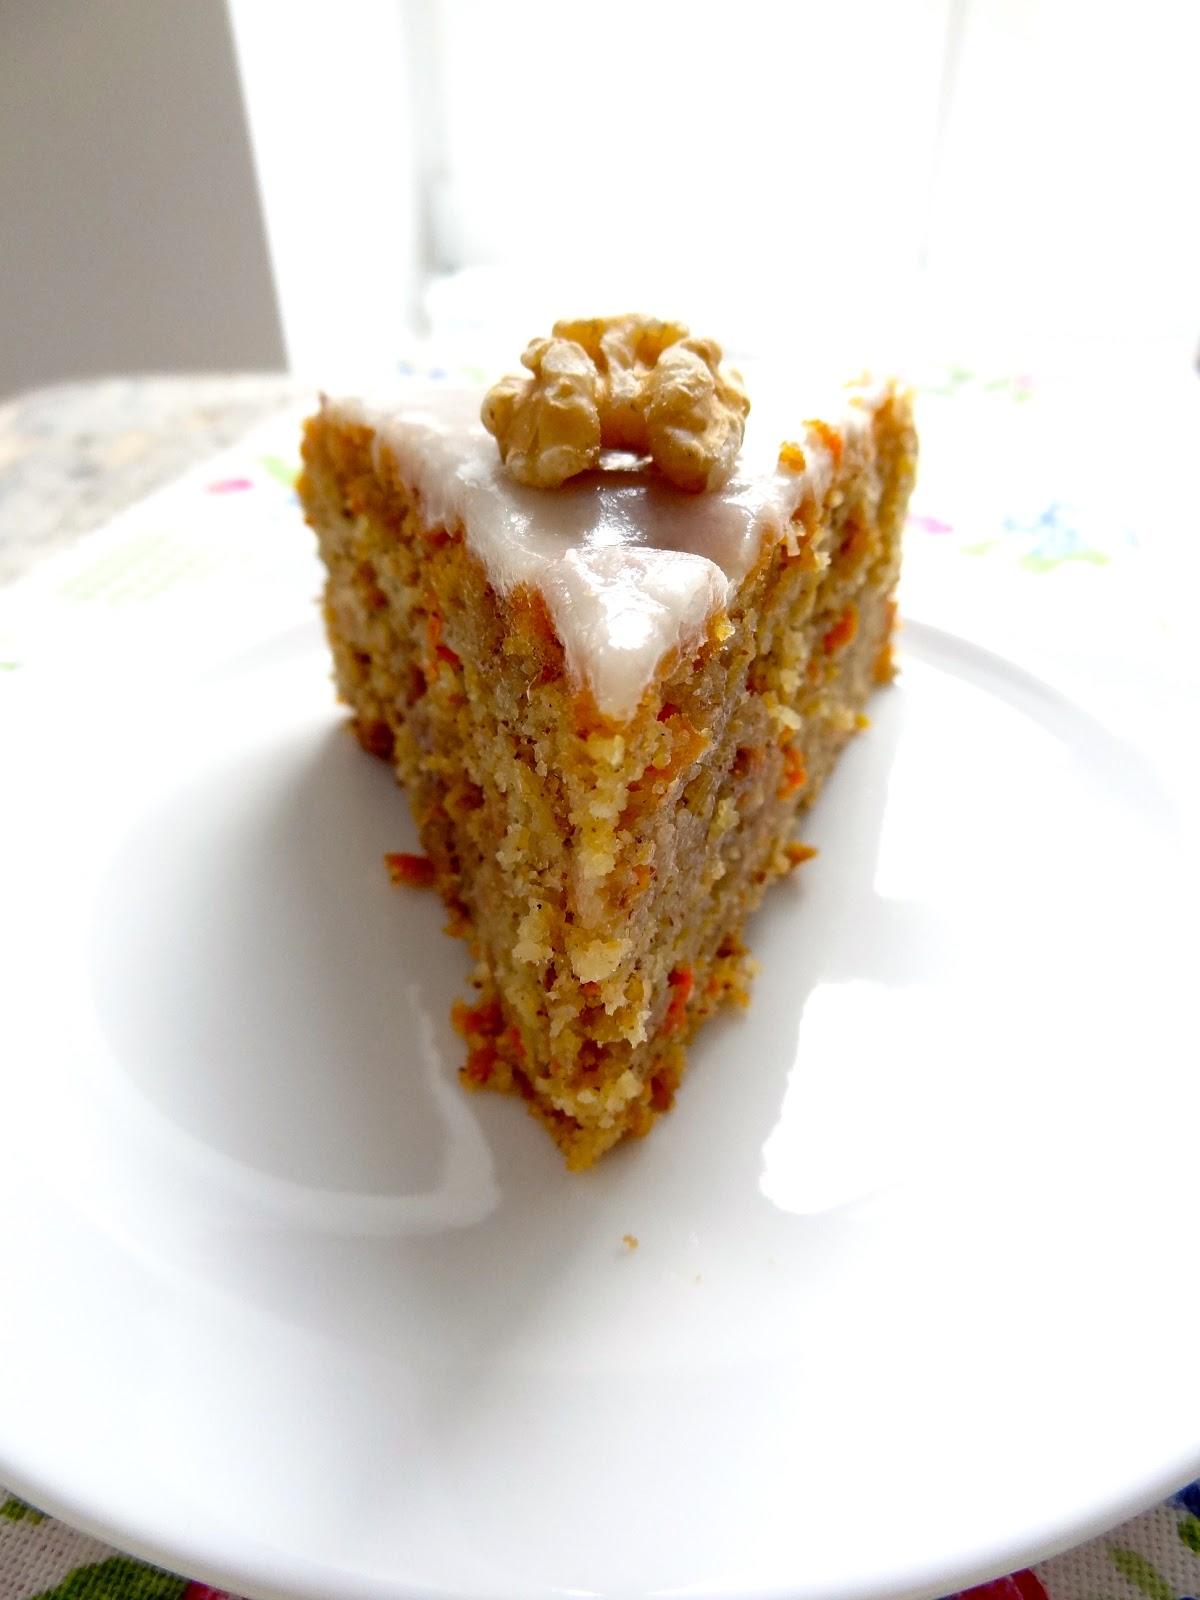 Apfel Karotten Kuchen Mit Kandierten Walnussen Und Honig Glasur